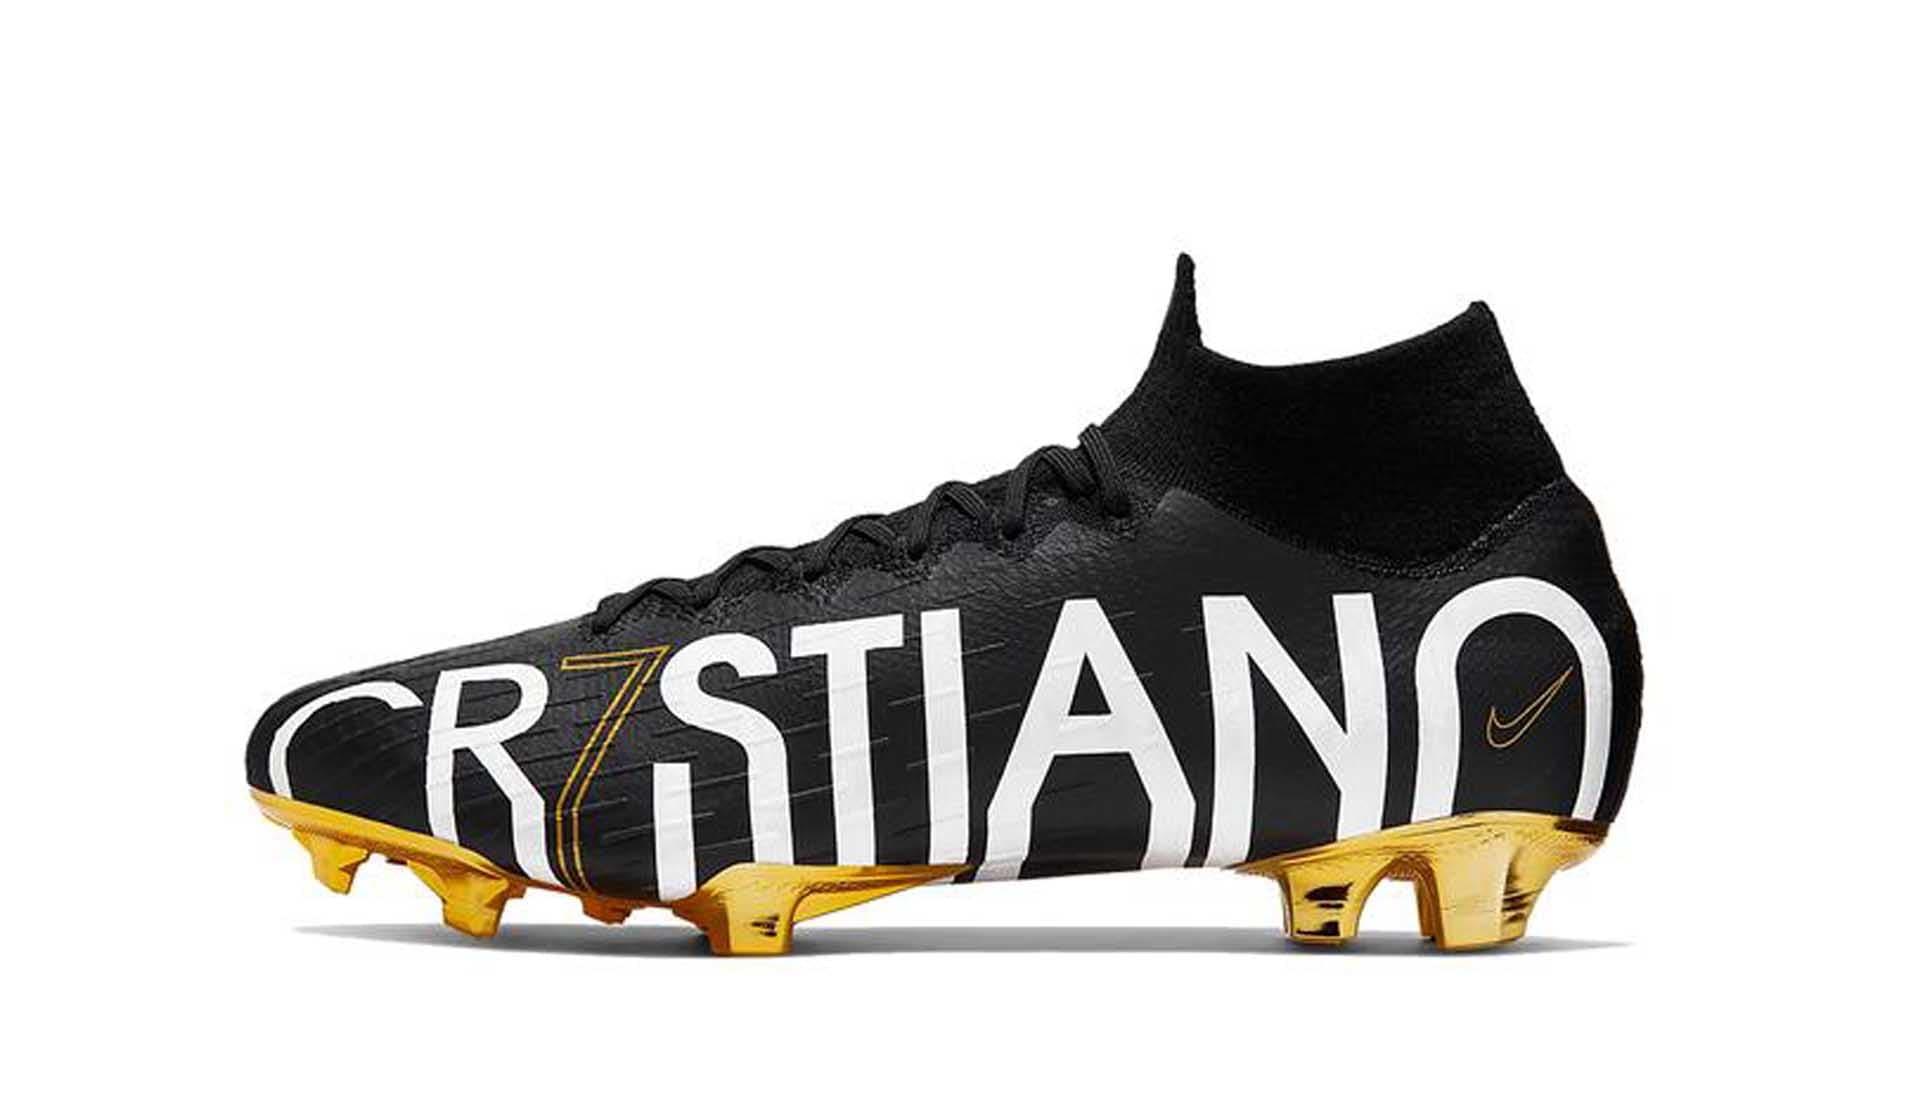 all cristiano ronaldo boots